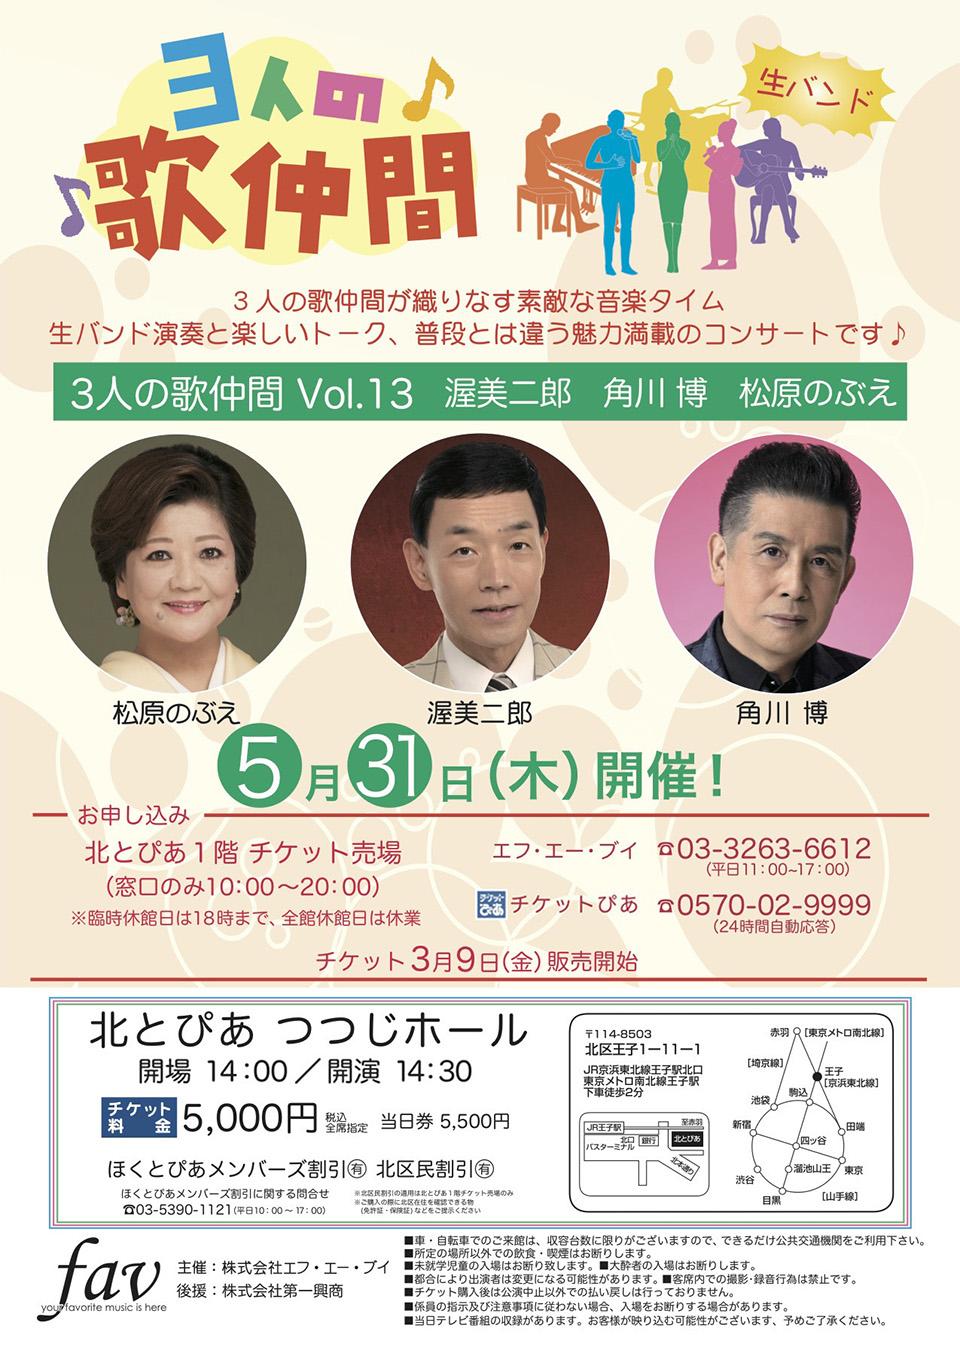 5/31(木)3人の歌仲間 Vol.13@北とぴあ